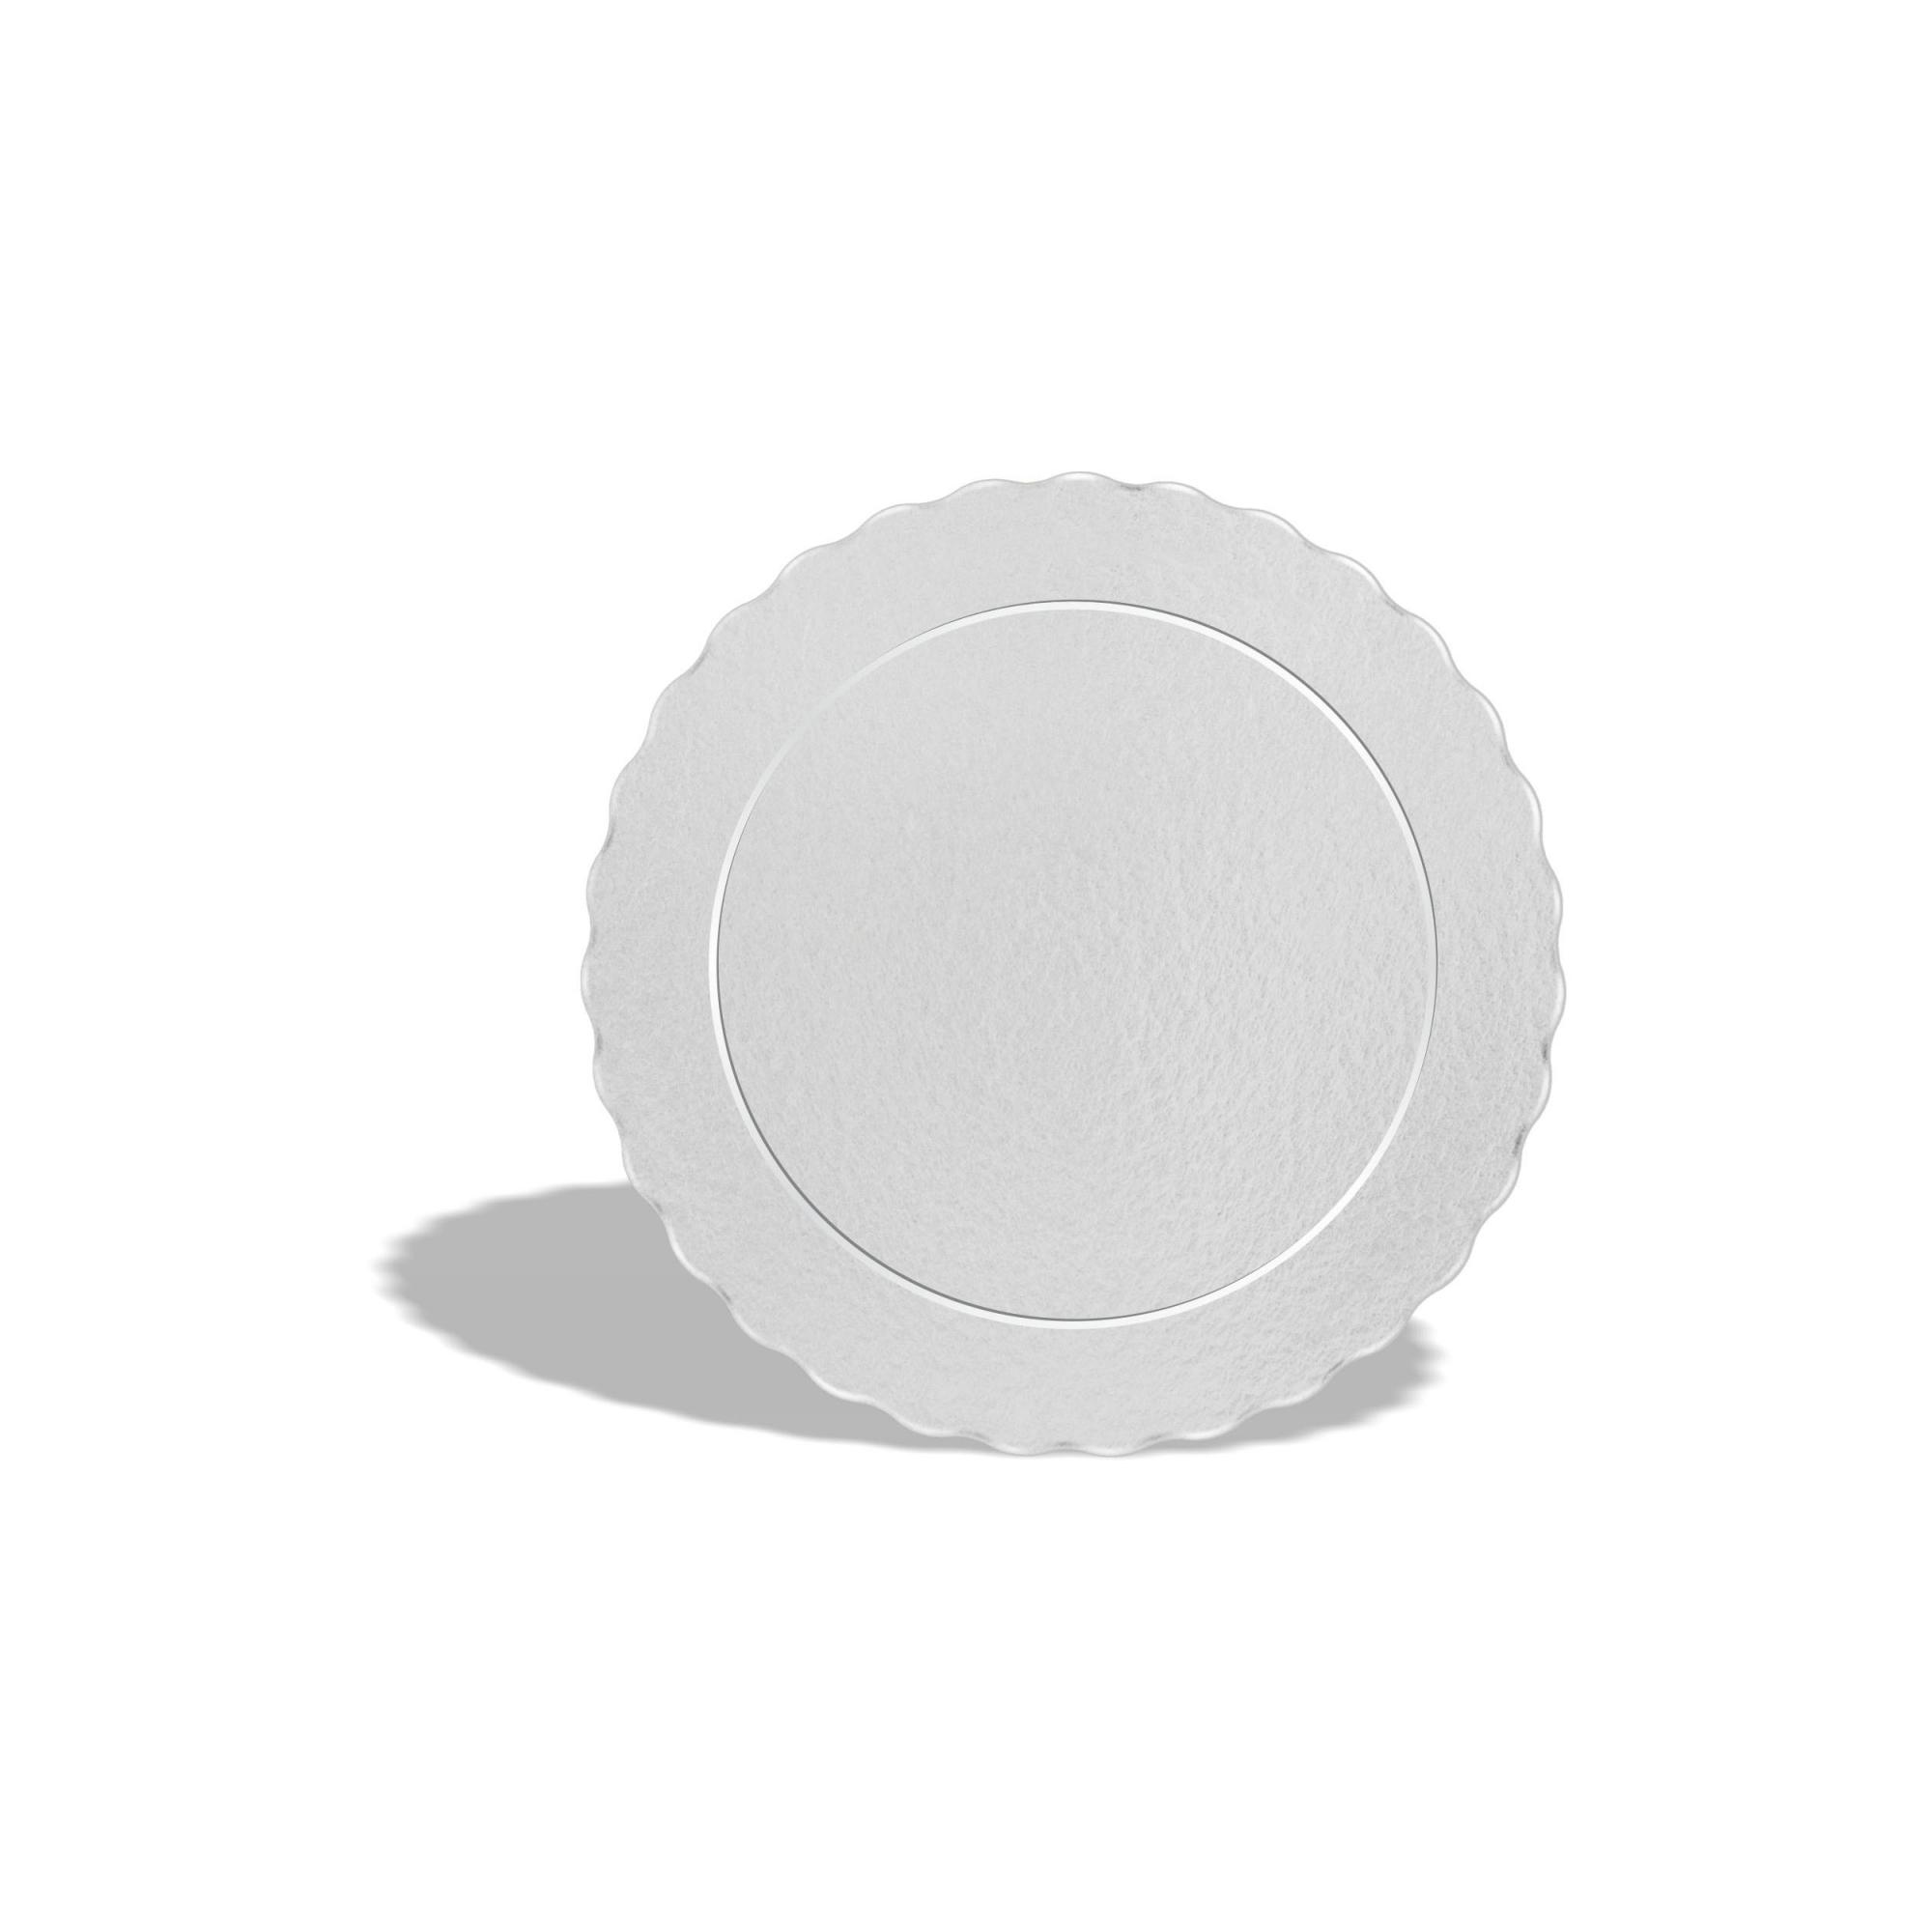 200 Bases Laminadas Para Bolo Redondo, Cake Board 15cm - Branco